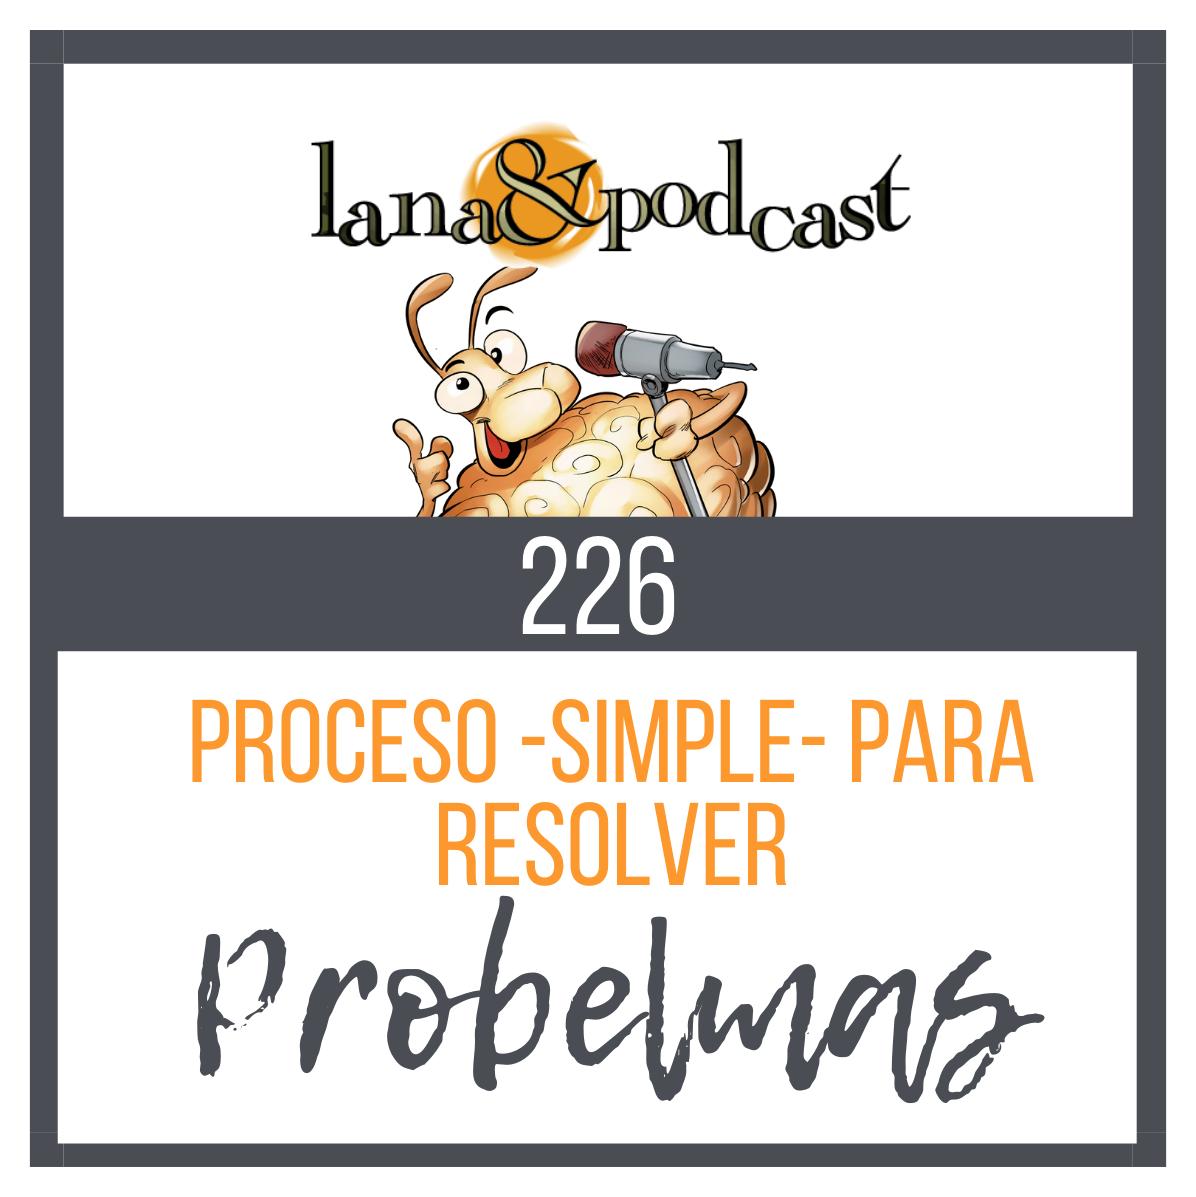 Proceso simple para resolver problemas #226